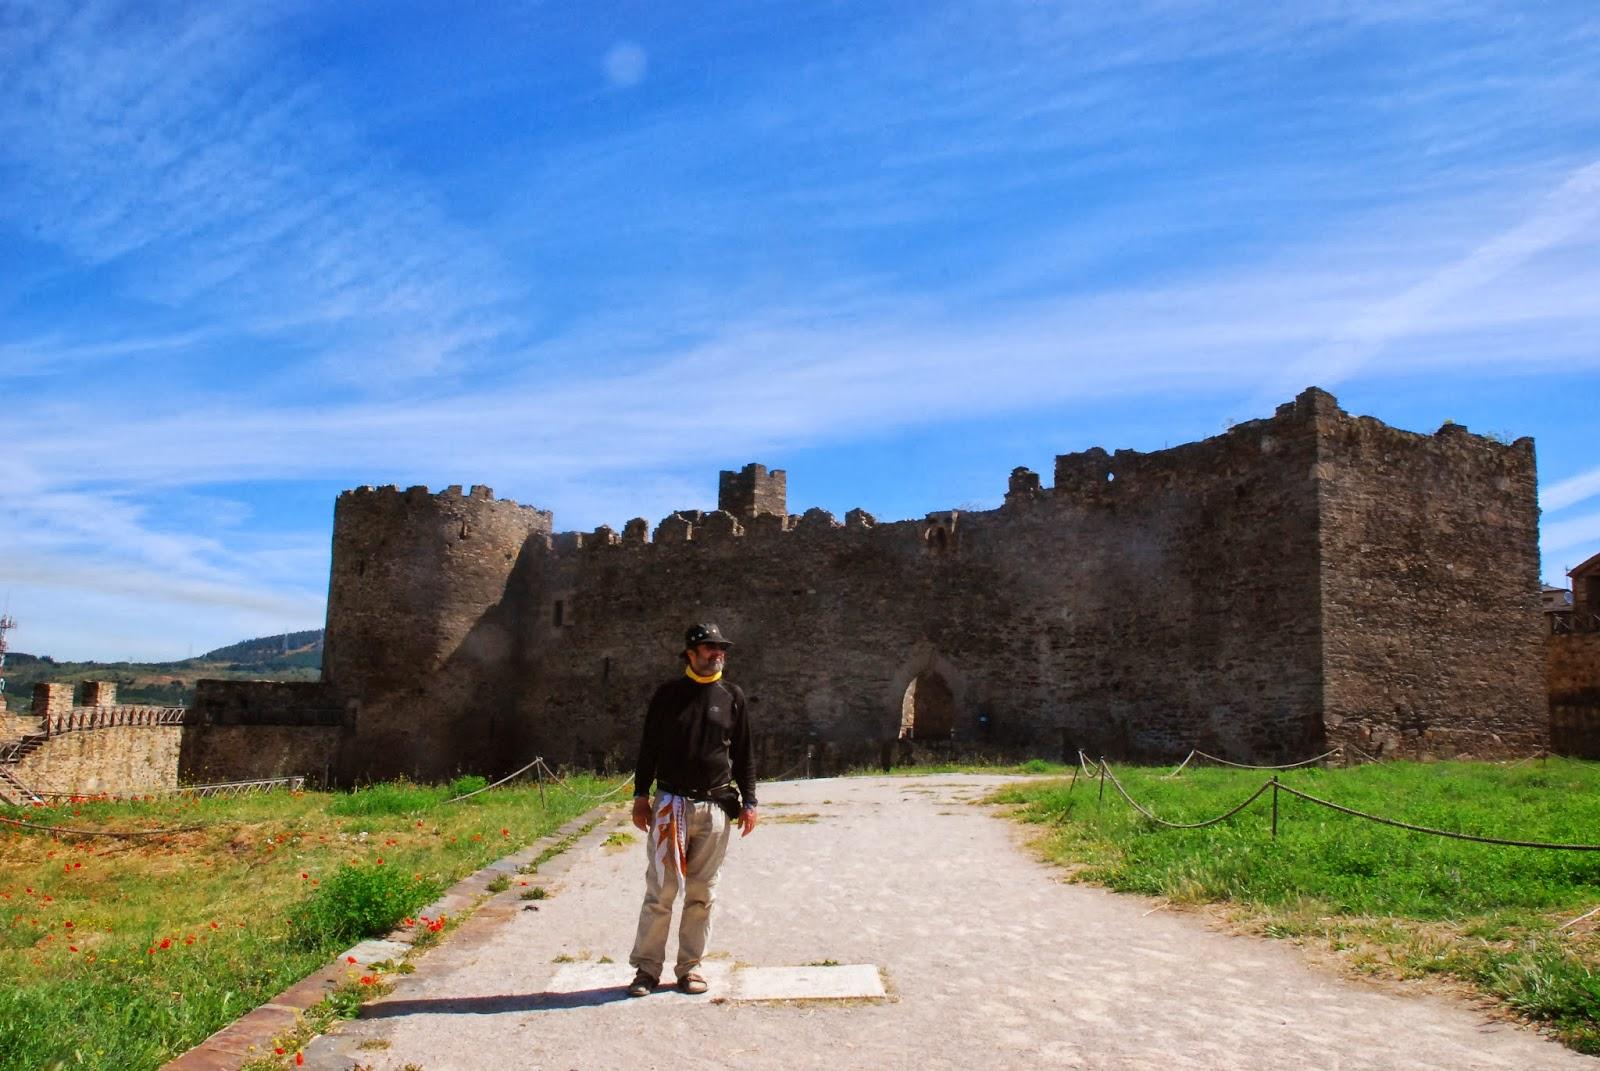 Il cammino di santiago da laico i difensori del tempio for Tempio di santiago